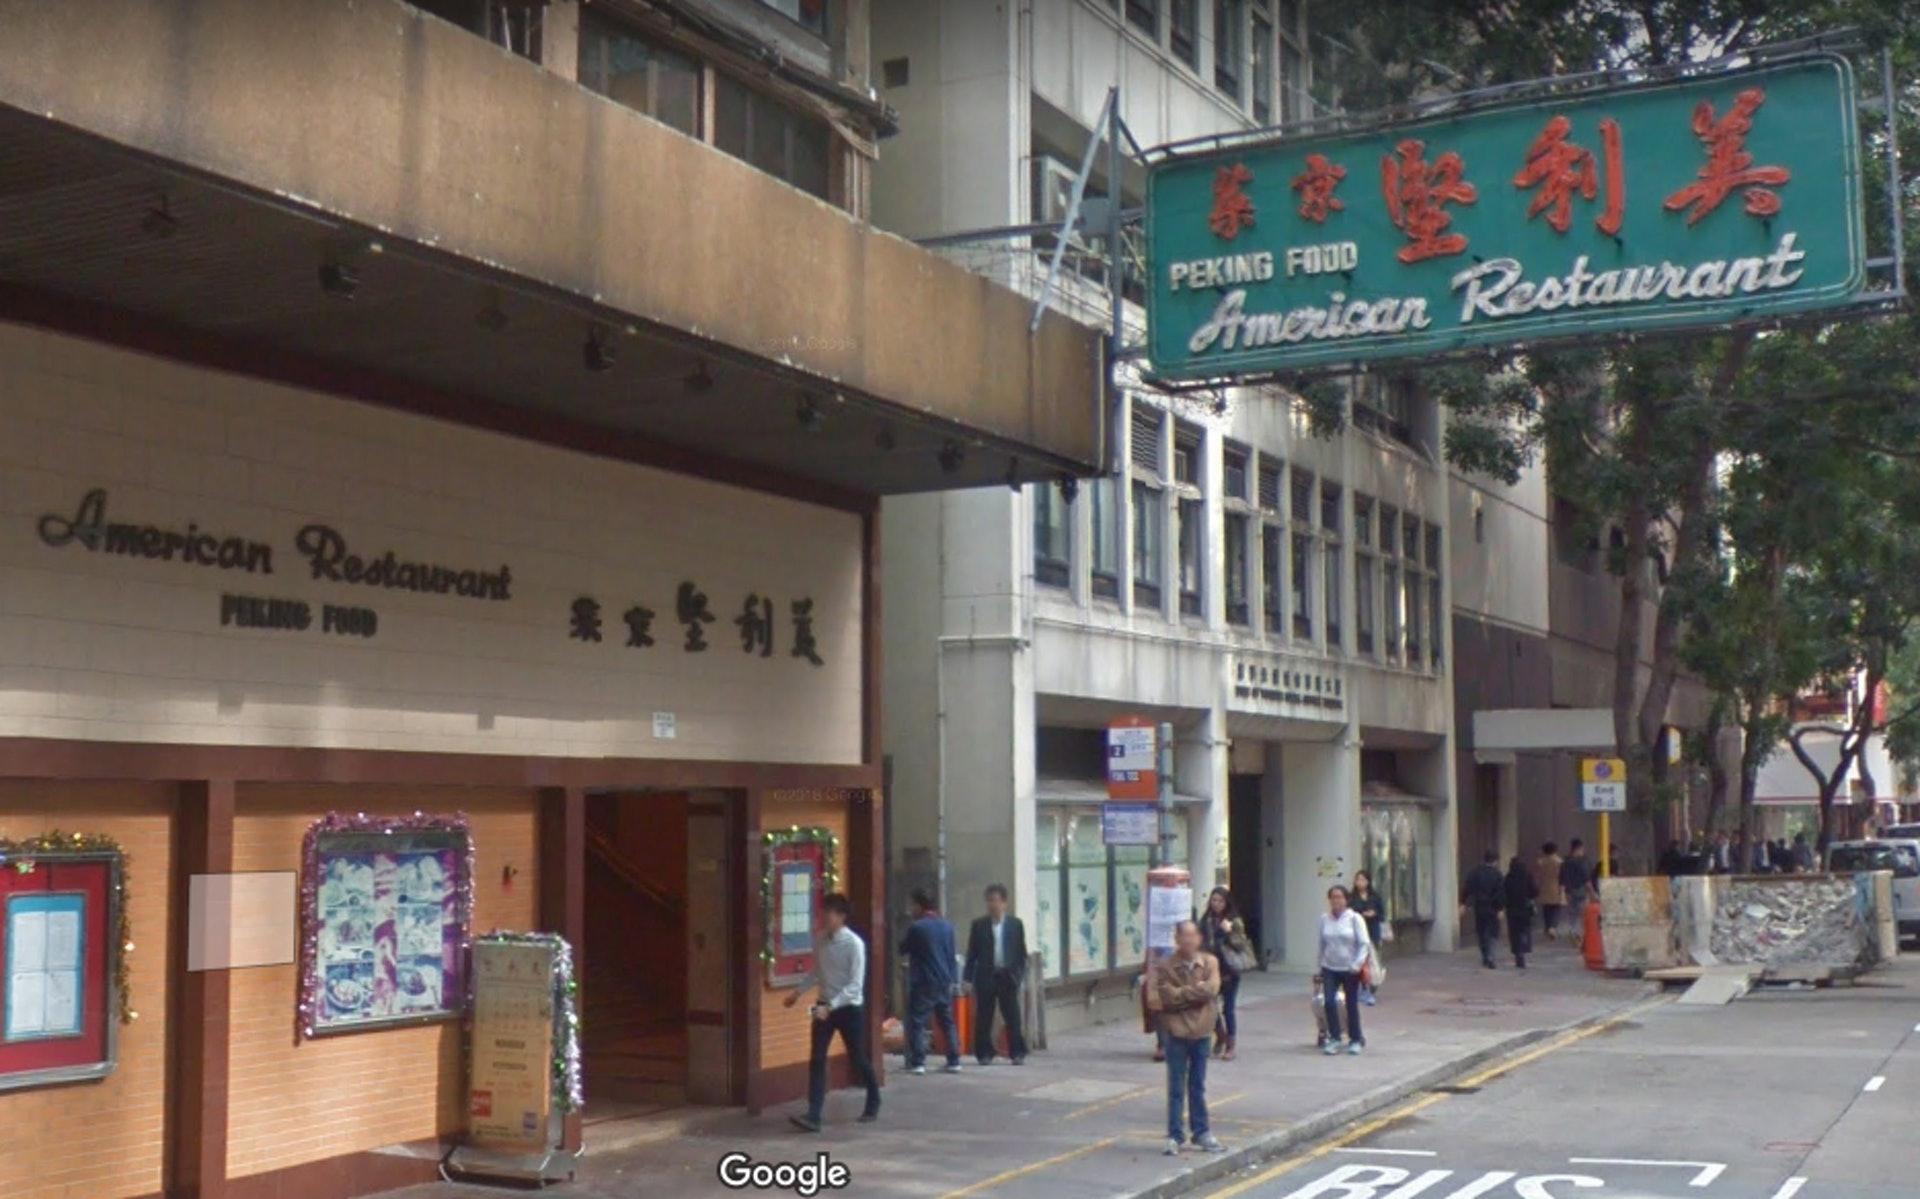 研究食物文化多年的中文大學人類學教授張展鴻指,「當時歐美人士來到香港,與本地人在語言和文化上依然有很大距離,老闆想做北京菜作招徠,可能需要改個諧音讓大眾記得。」(取自google地圖圖片)